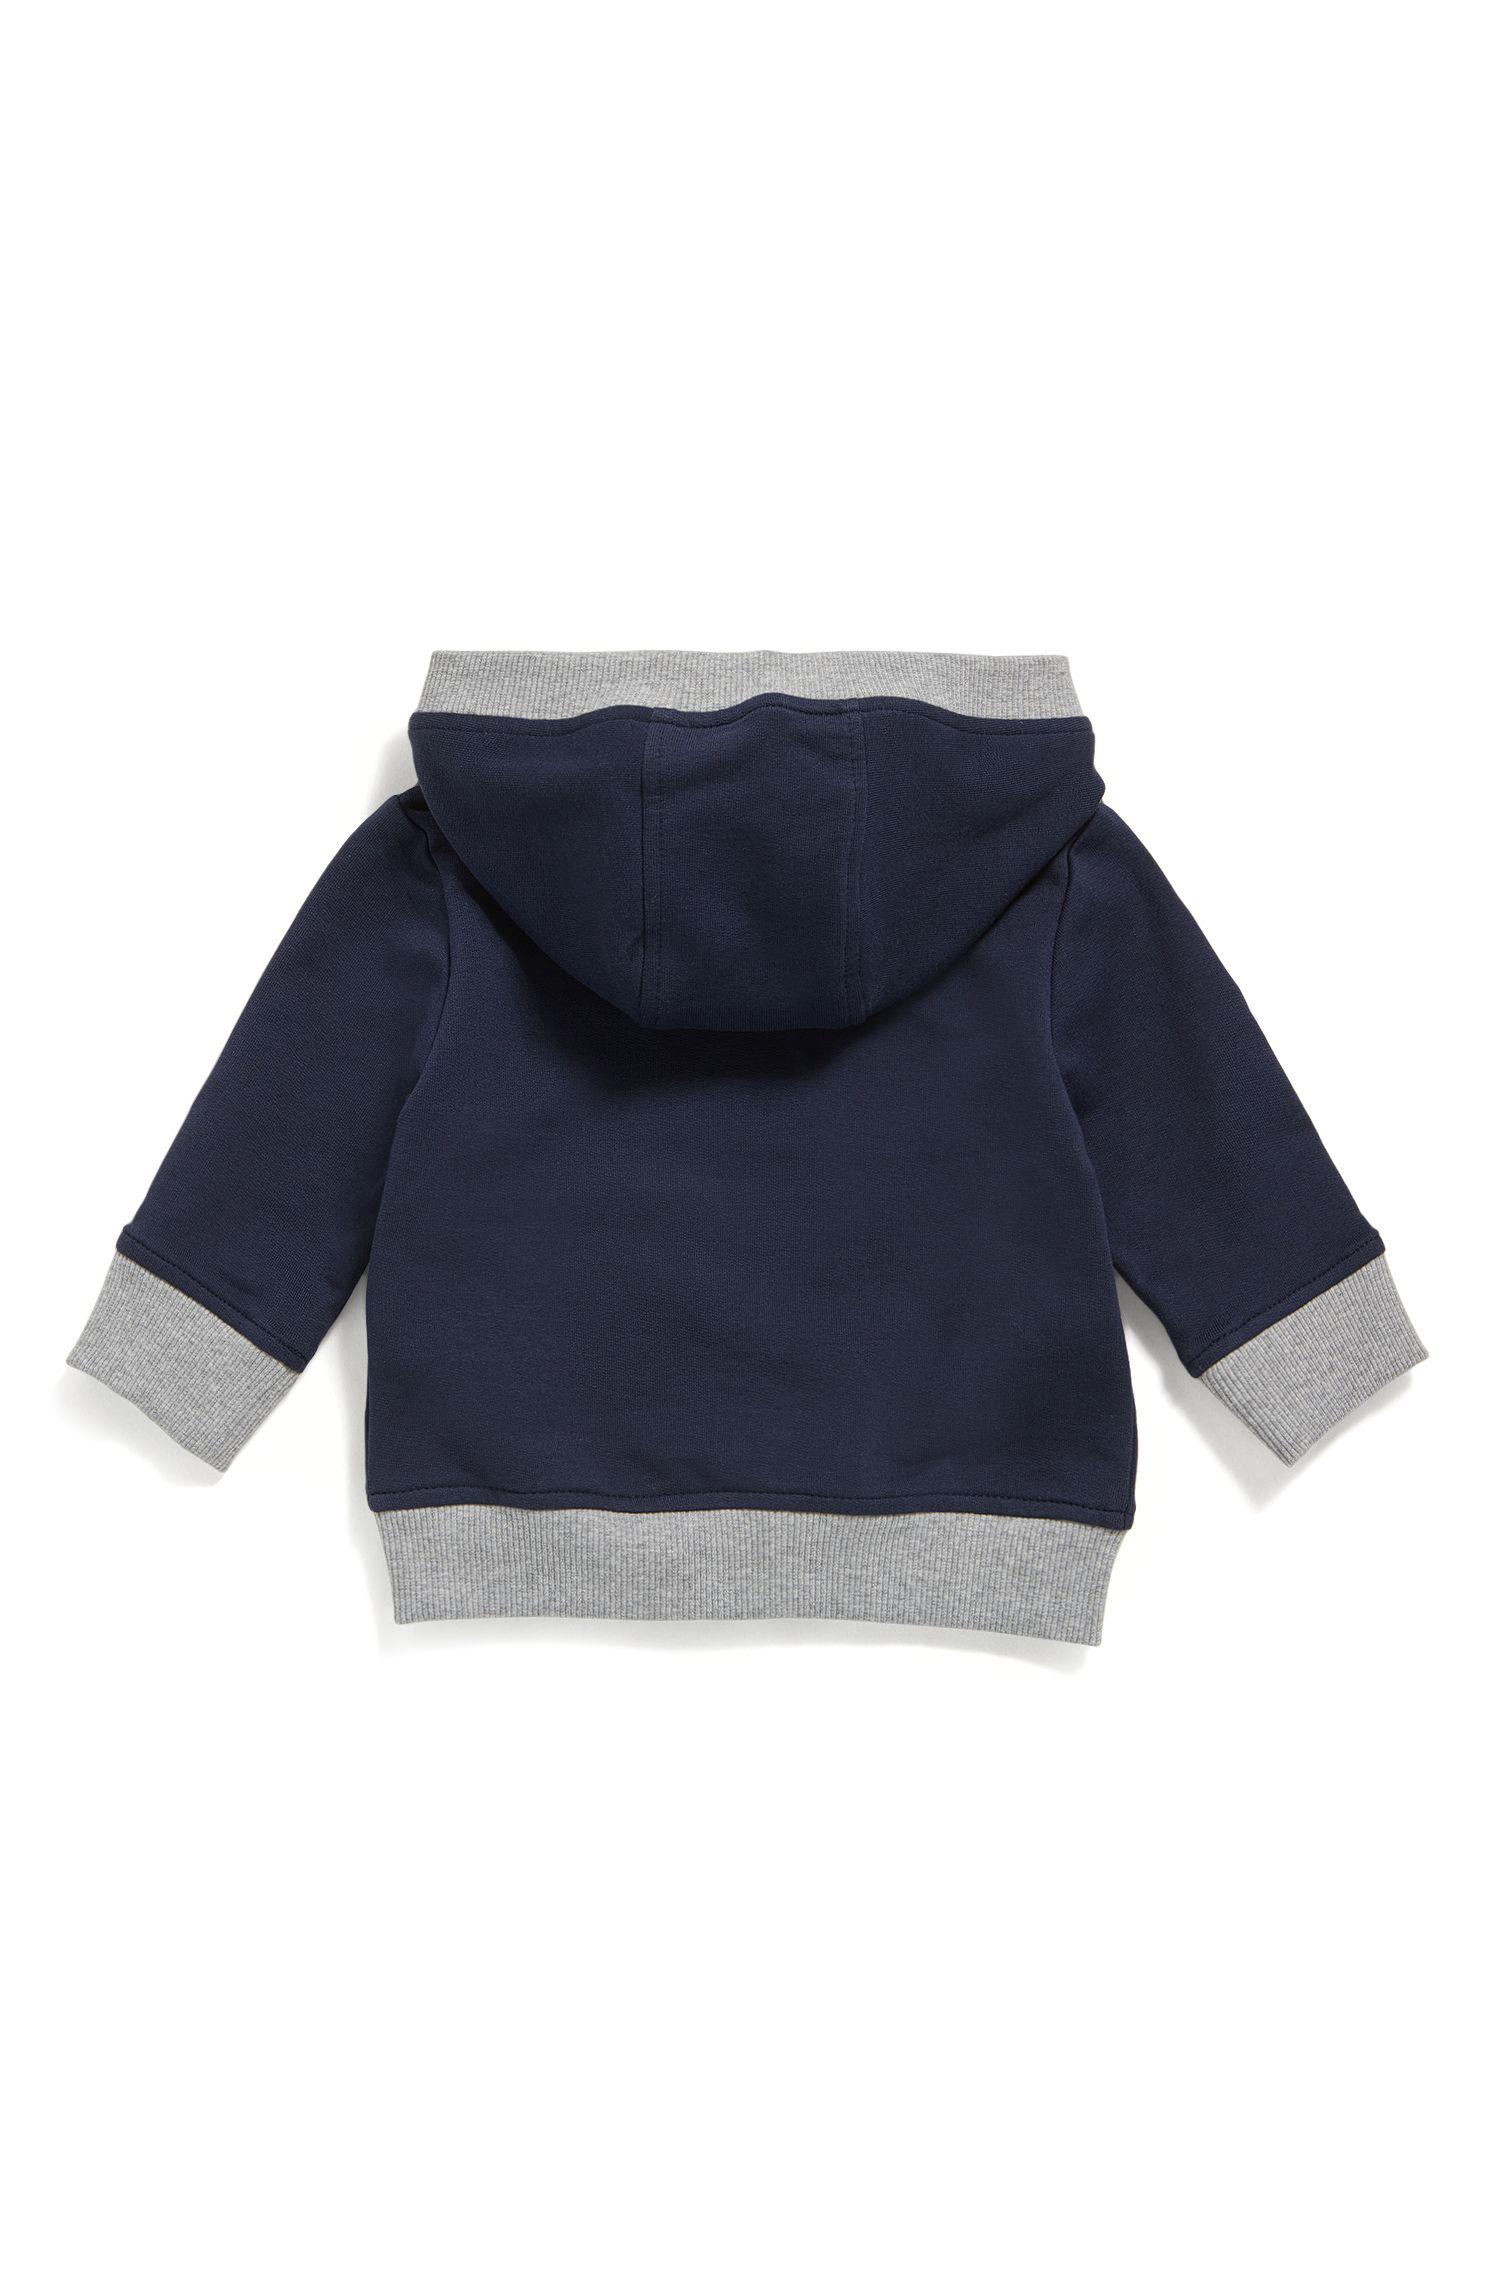 Sweat zippé pour enfant en polaire de coton